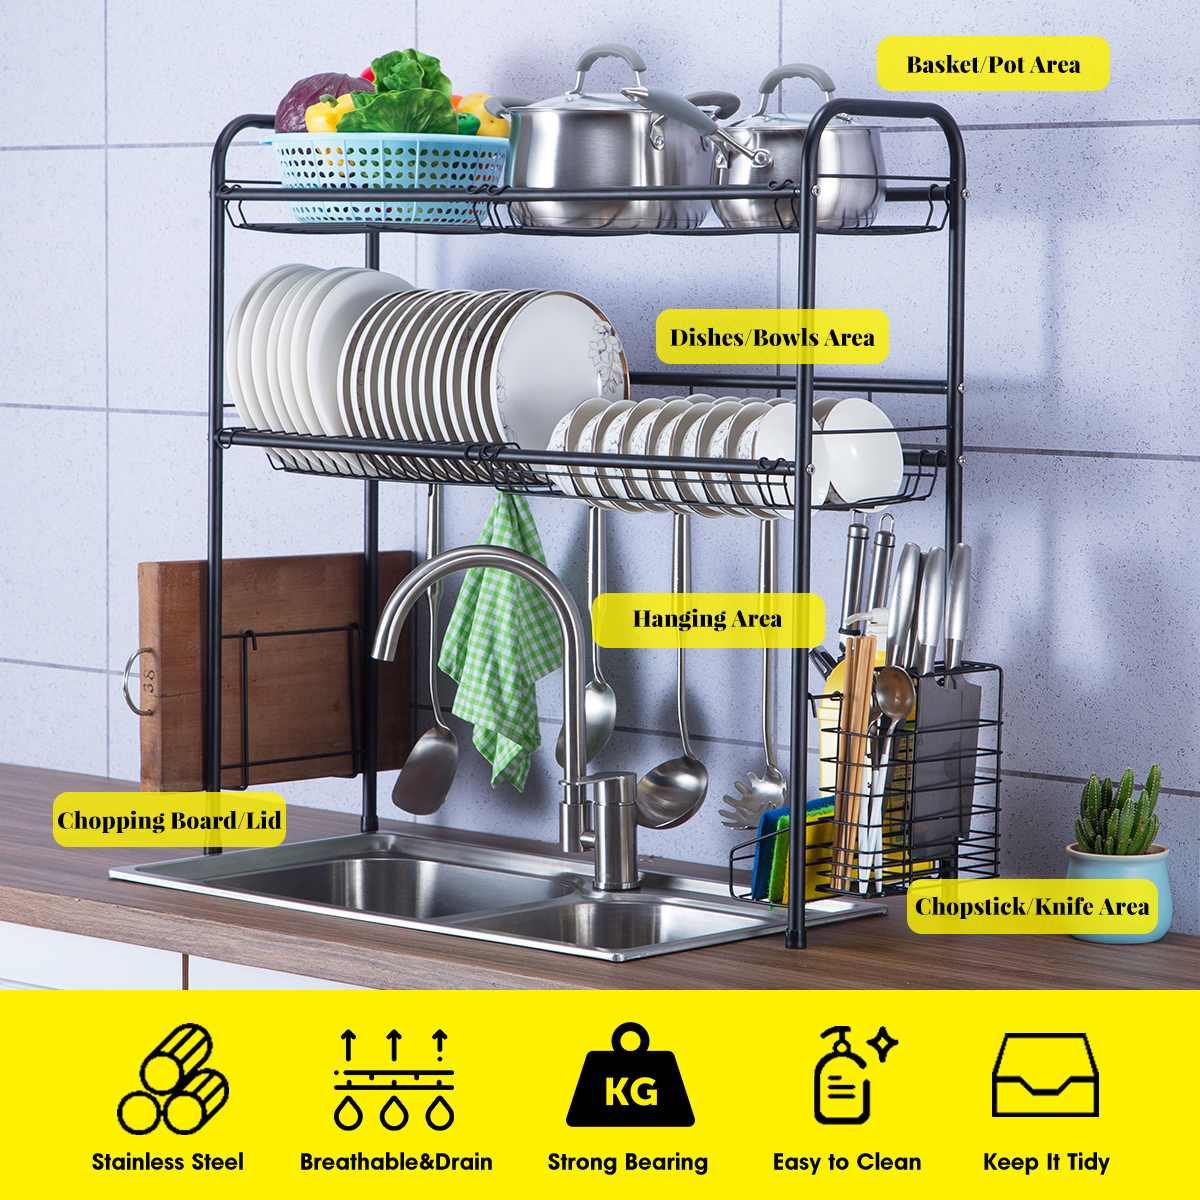 Étagère de cuisine en acier inoxydable, panier d'égouttage de vaisselle en acier inoxydable bol à couverts de séchage 2 étages, grand support de rangement pour la cuisine